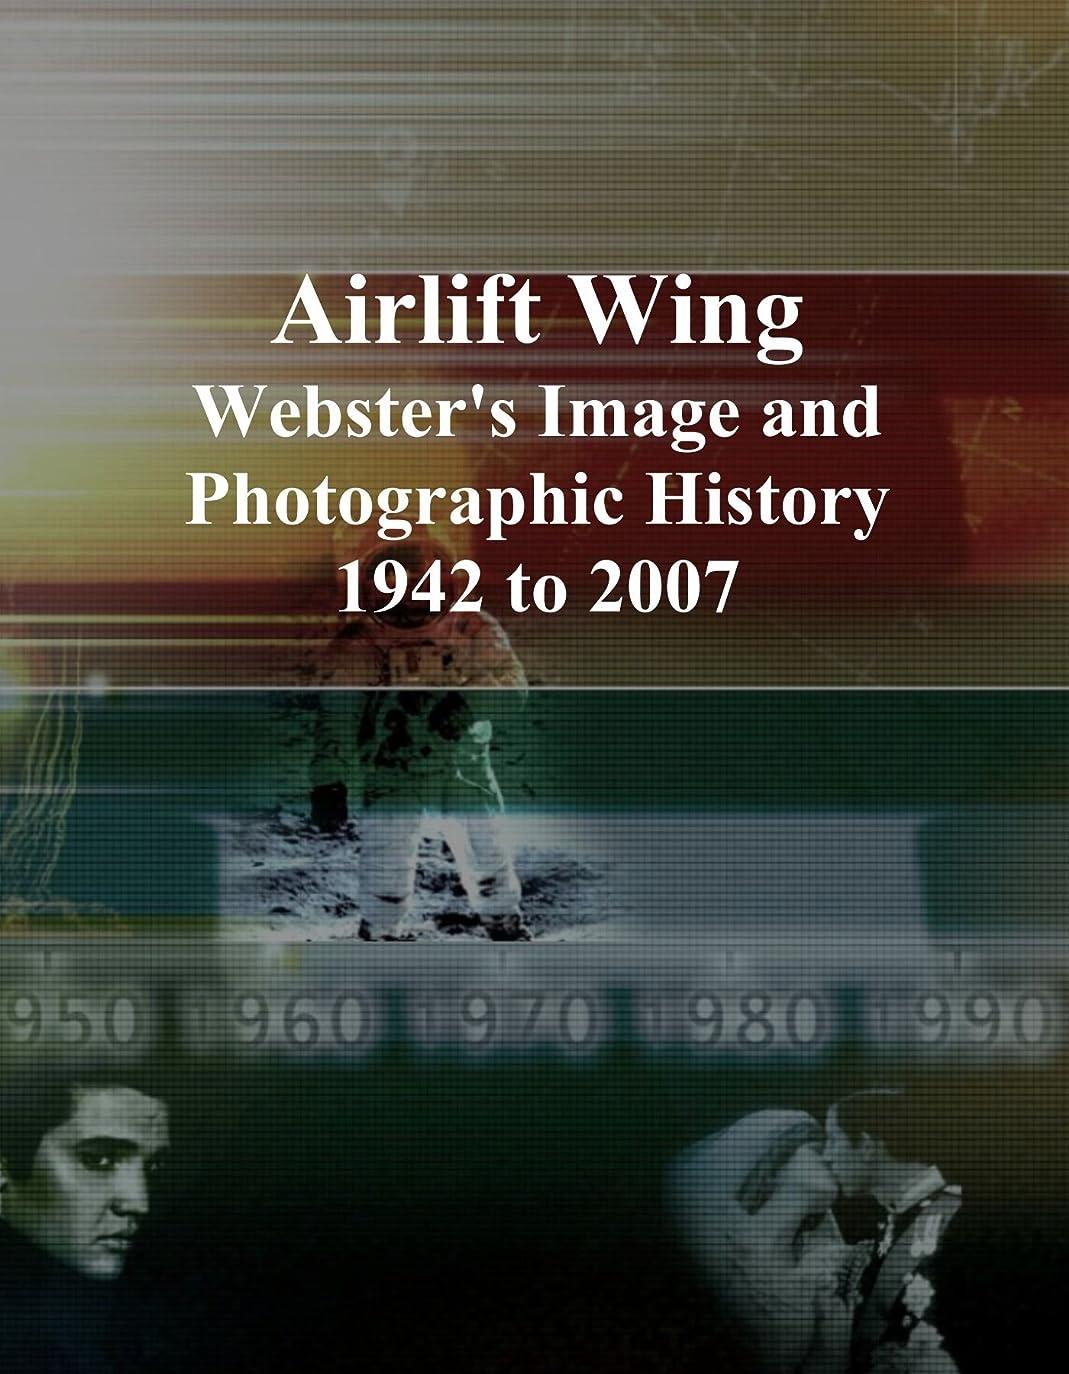 加速する三角ベックスAirlift Wing: Webster's Image and Photographic History, 1942 to 2007